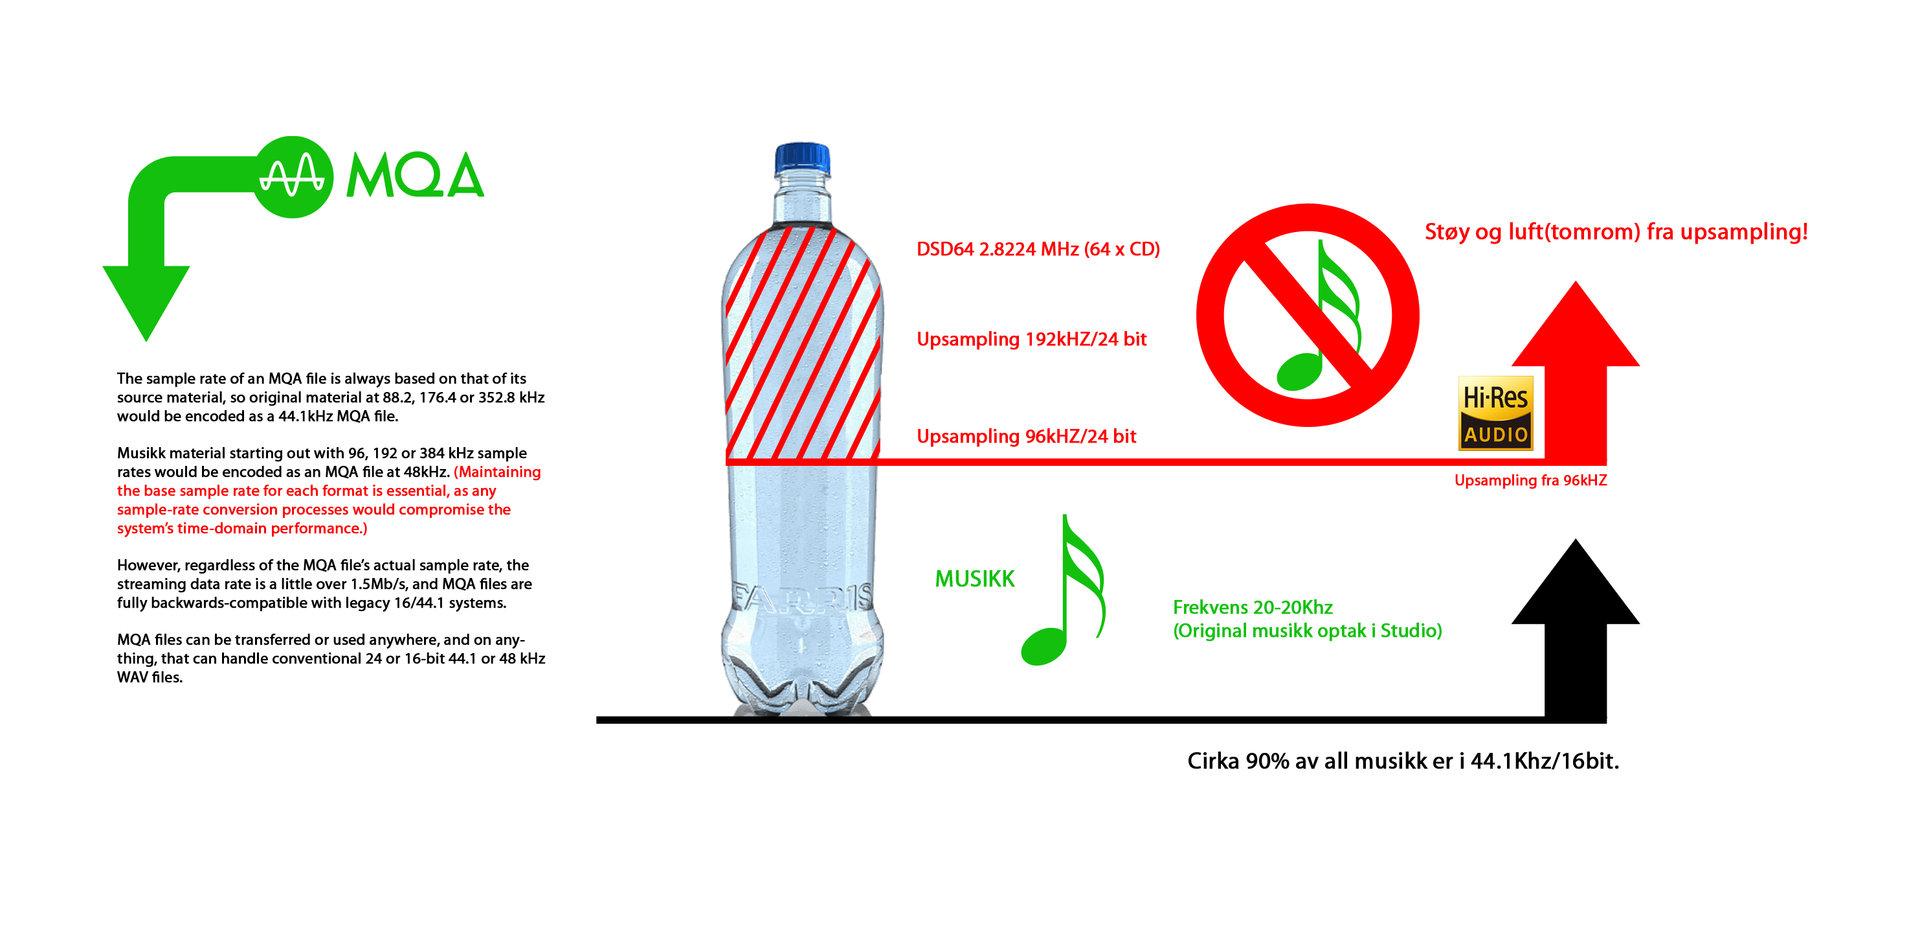 MQA Flaska.jpg